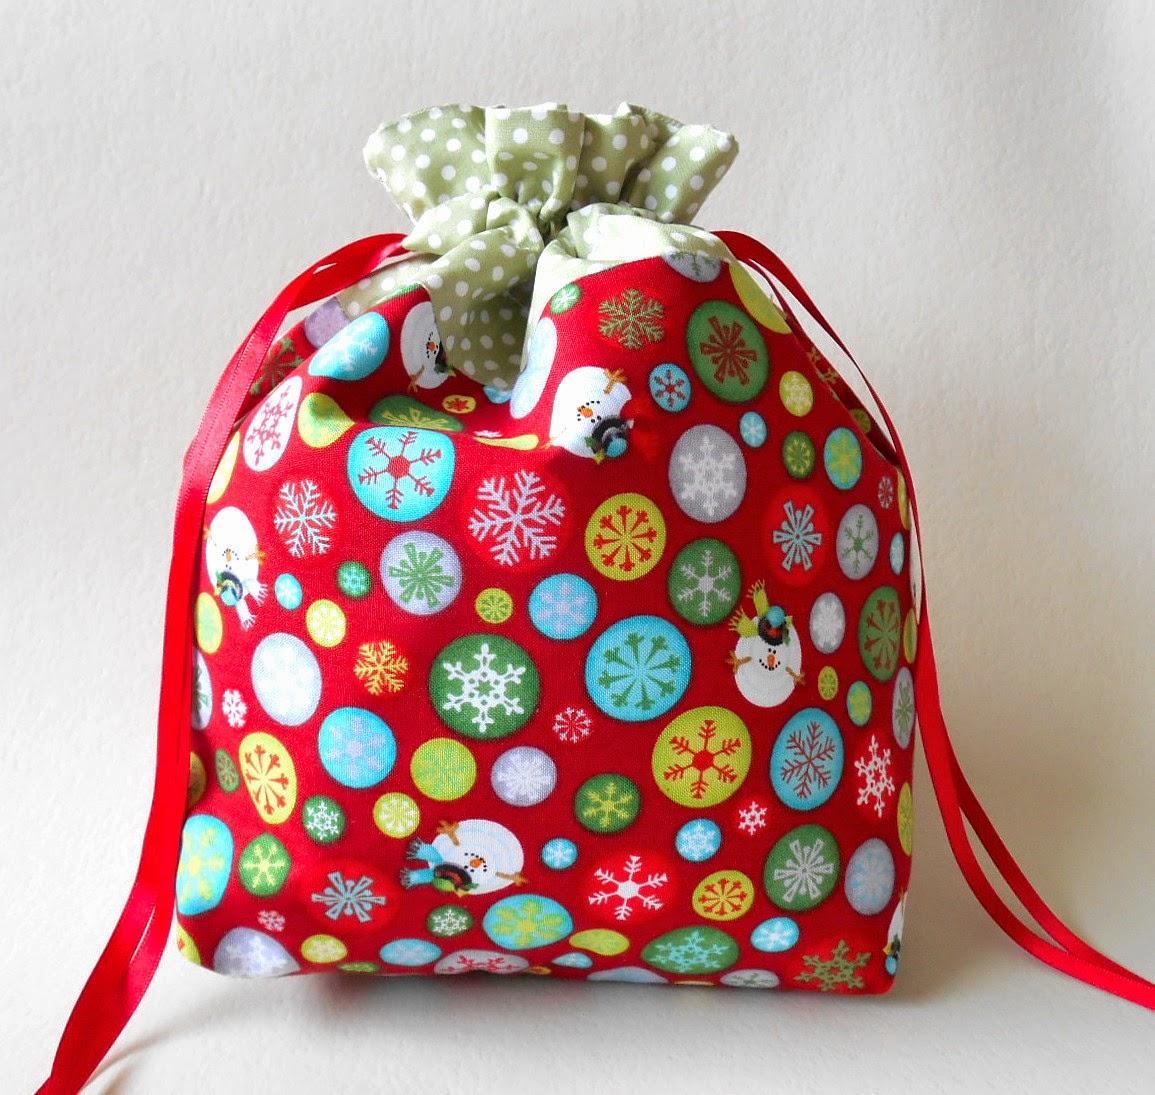 reusable fabric gift bag for the holidays